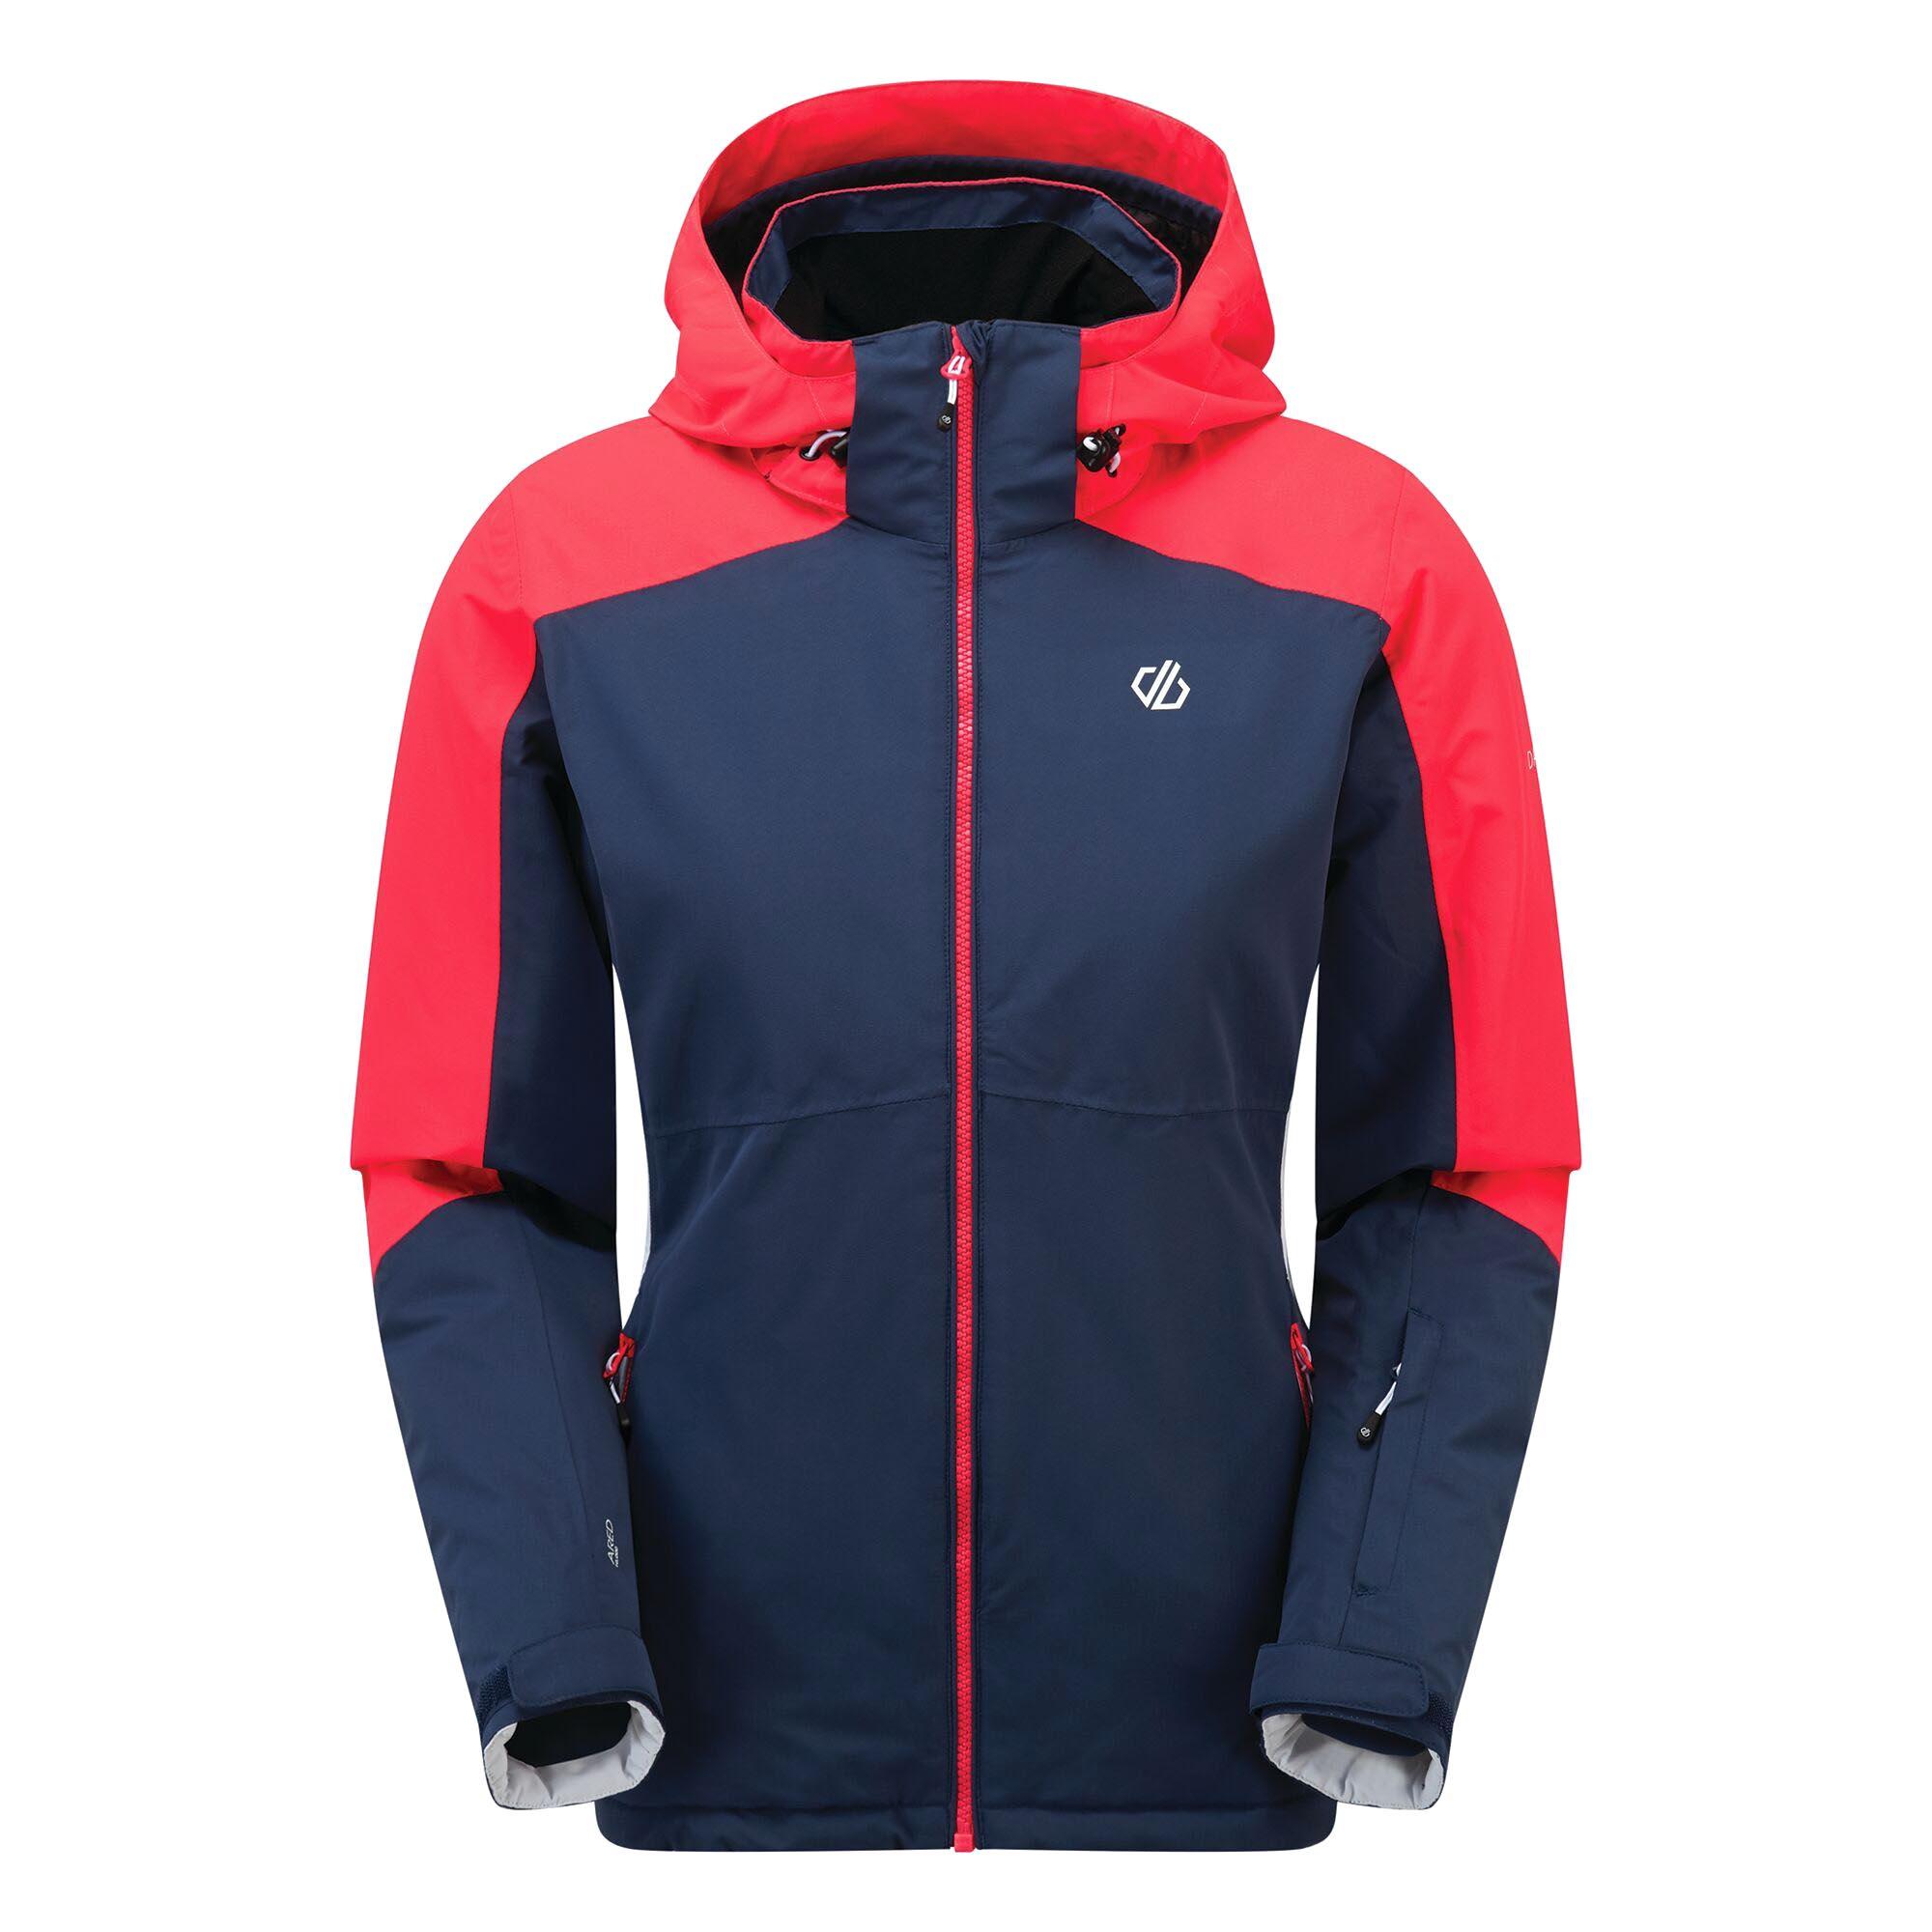 Dare 2B Womens/Ladies Radiate Ski Jacket (12 UK) (Dark Denim/Neon Pink)